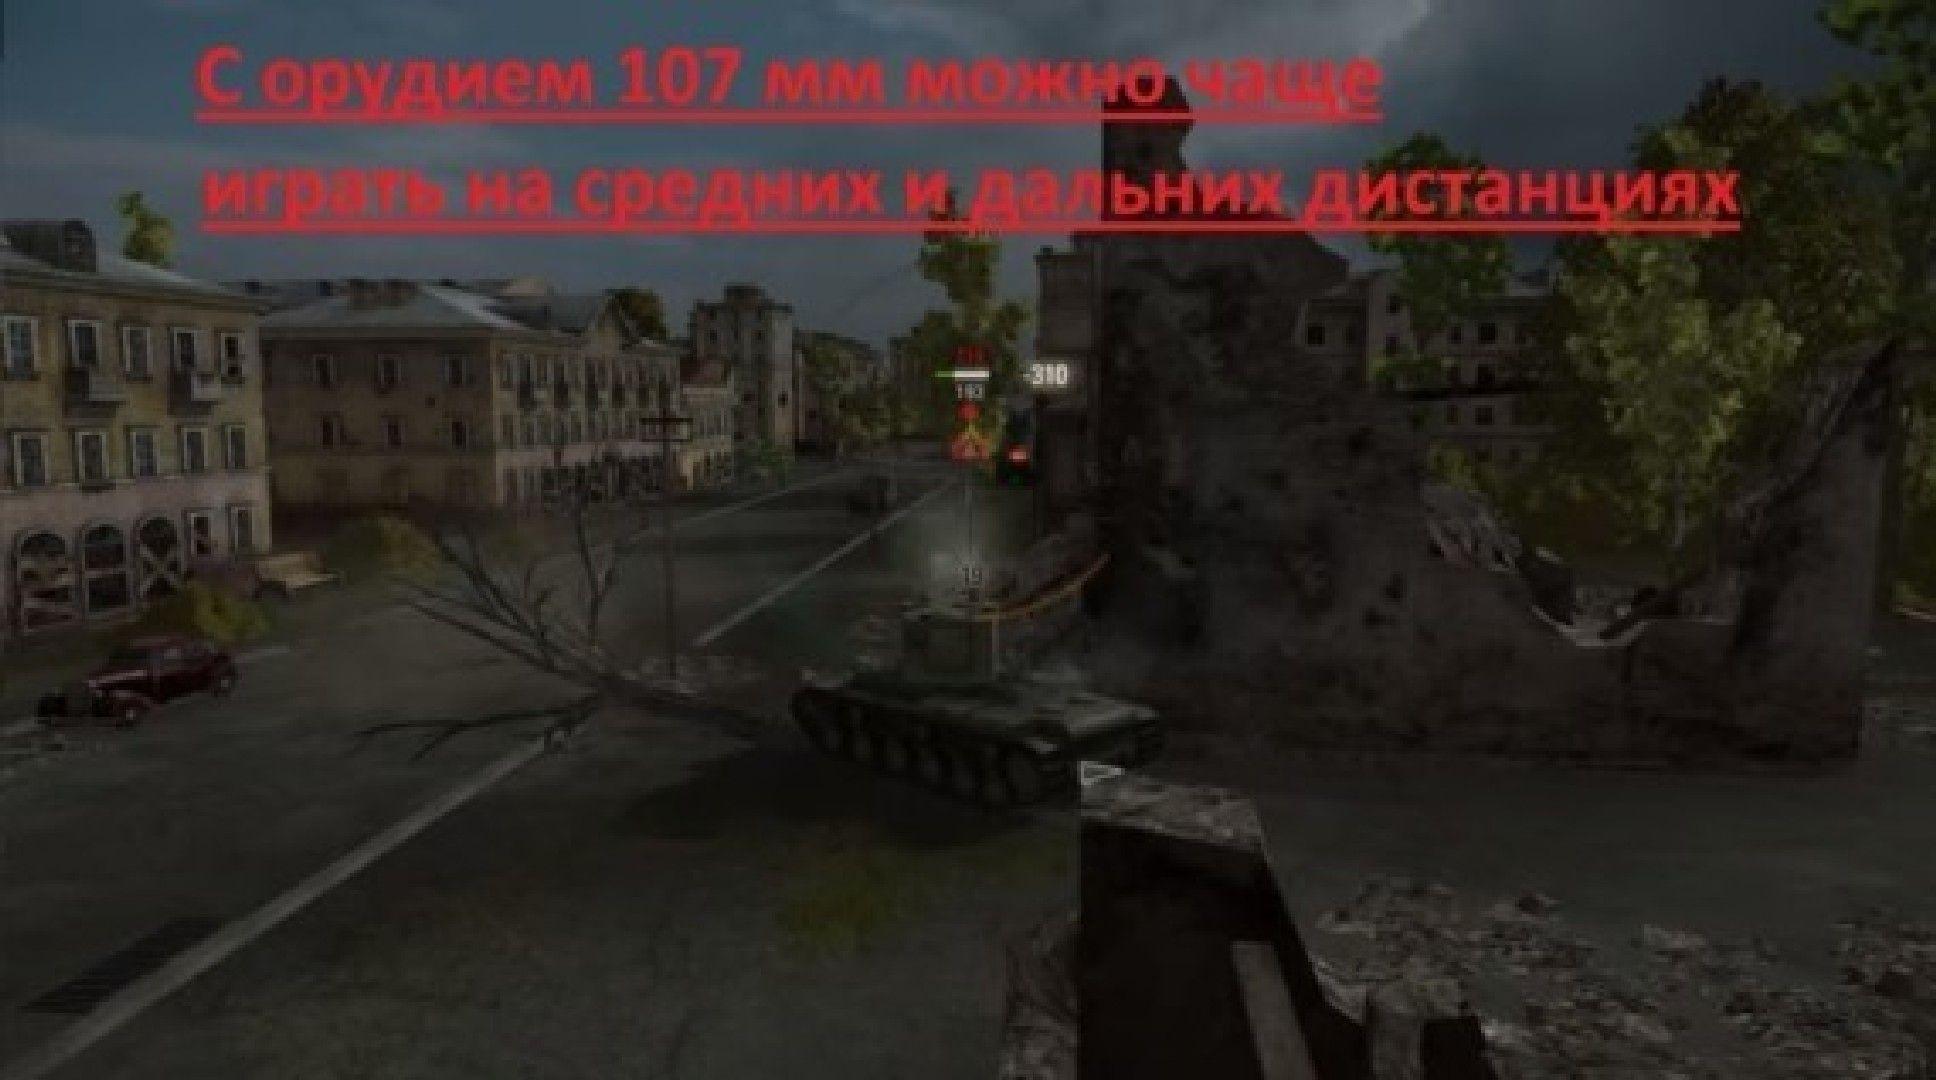 Как играть на КВ-2 с орудием ЗиС-6 107 мм